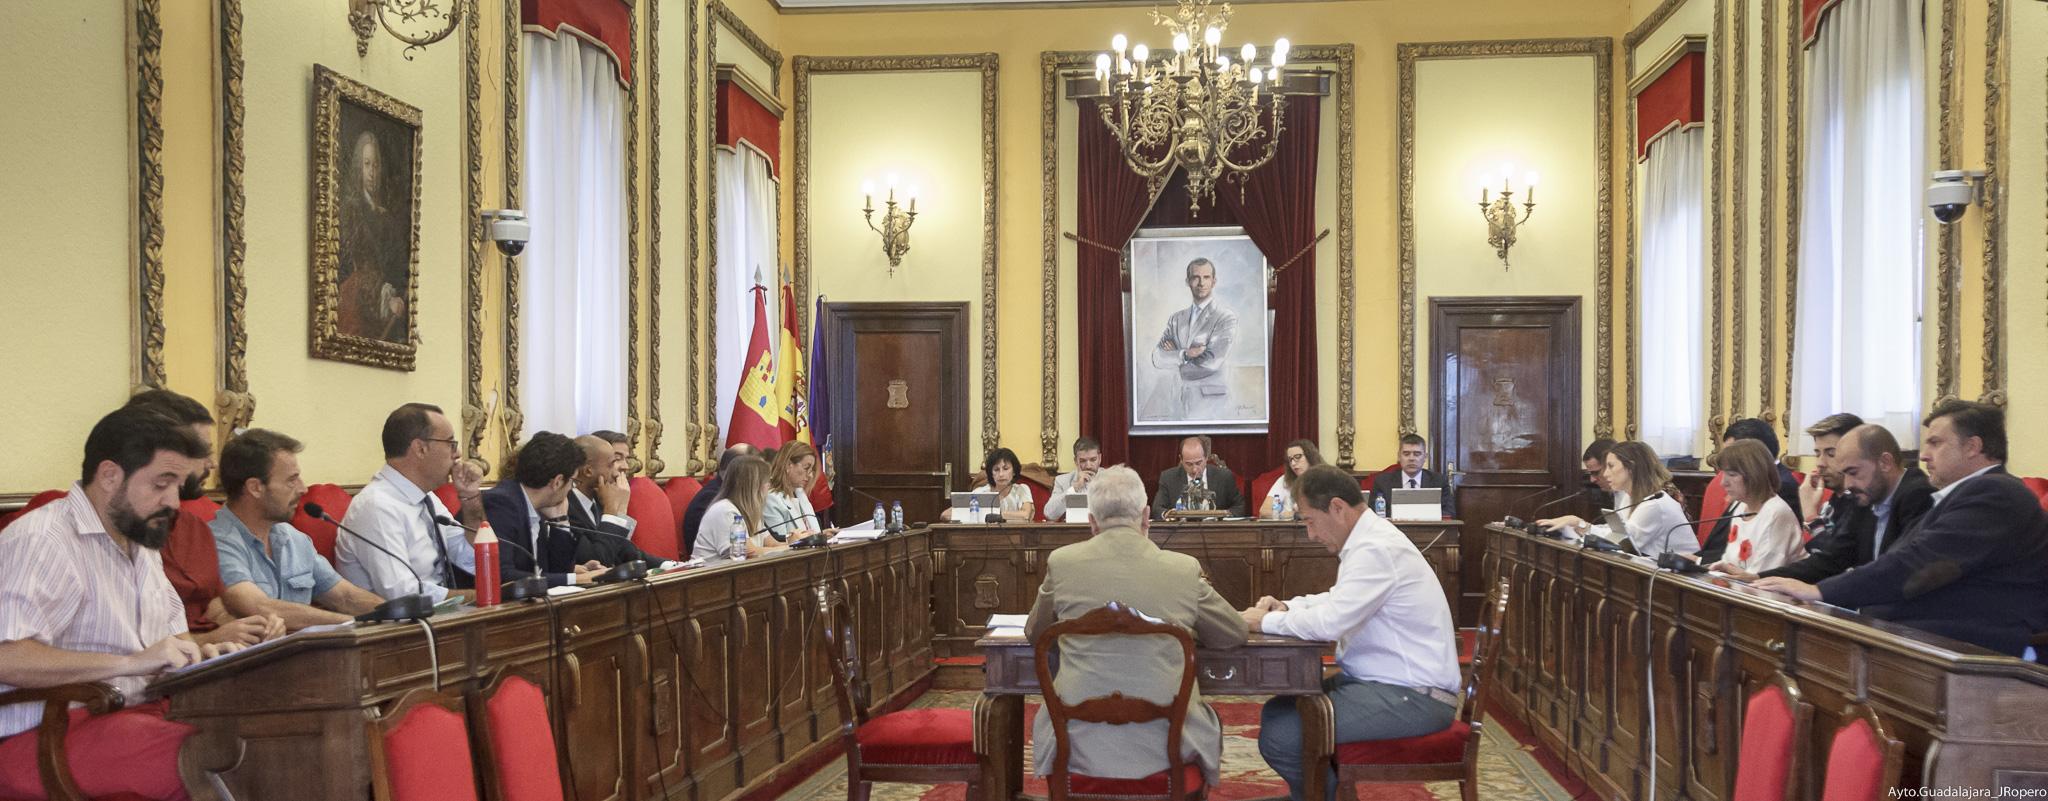 Relación de los acuerdos adoptados en la sesión plenaria del 5 de septiembre de 2019